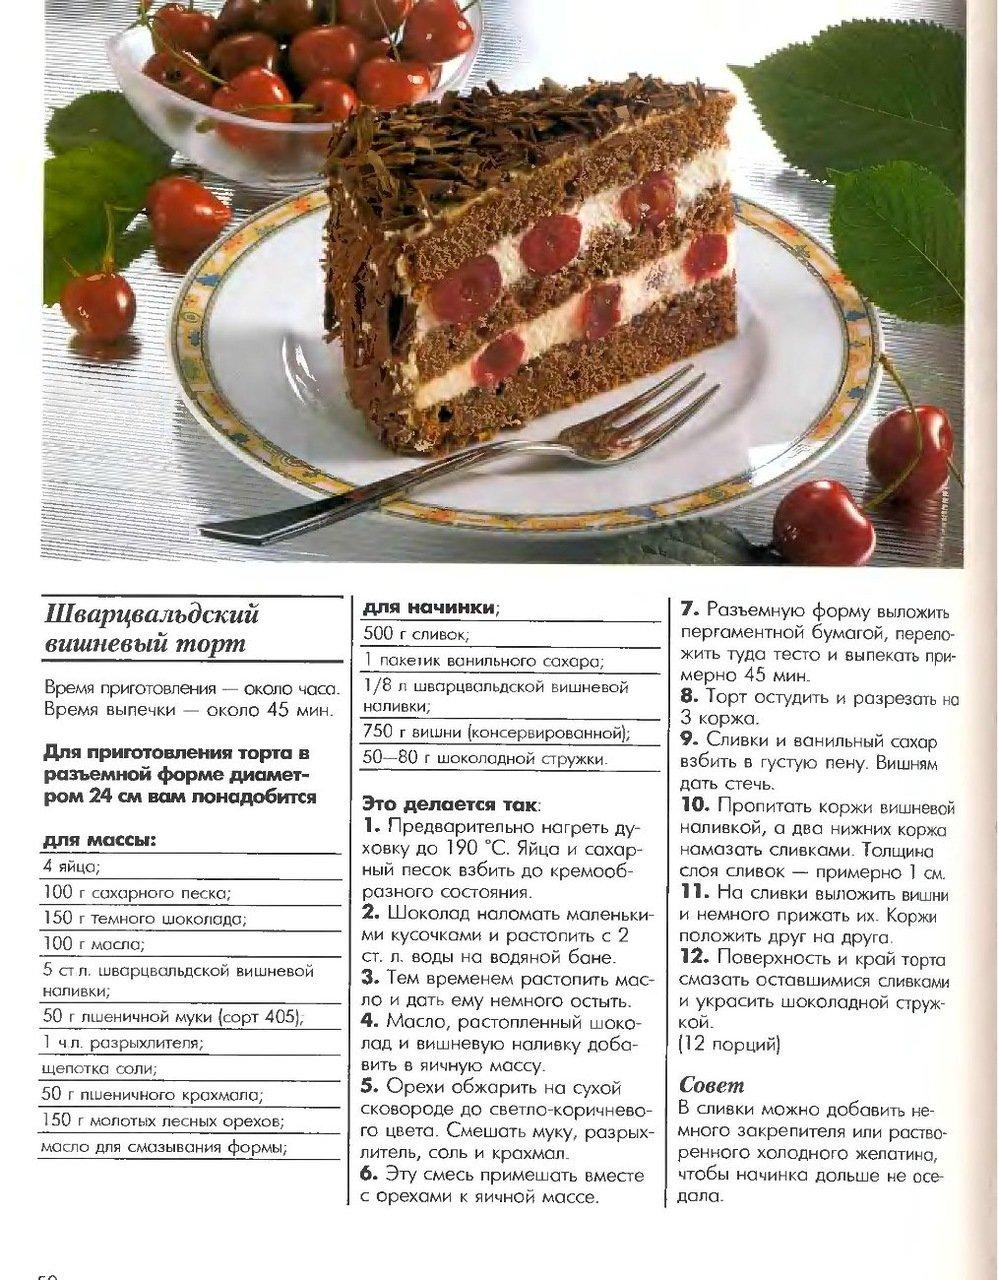 Кулинария торты рецепты